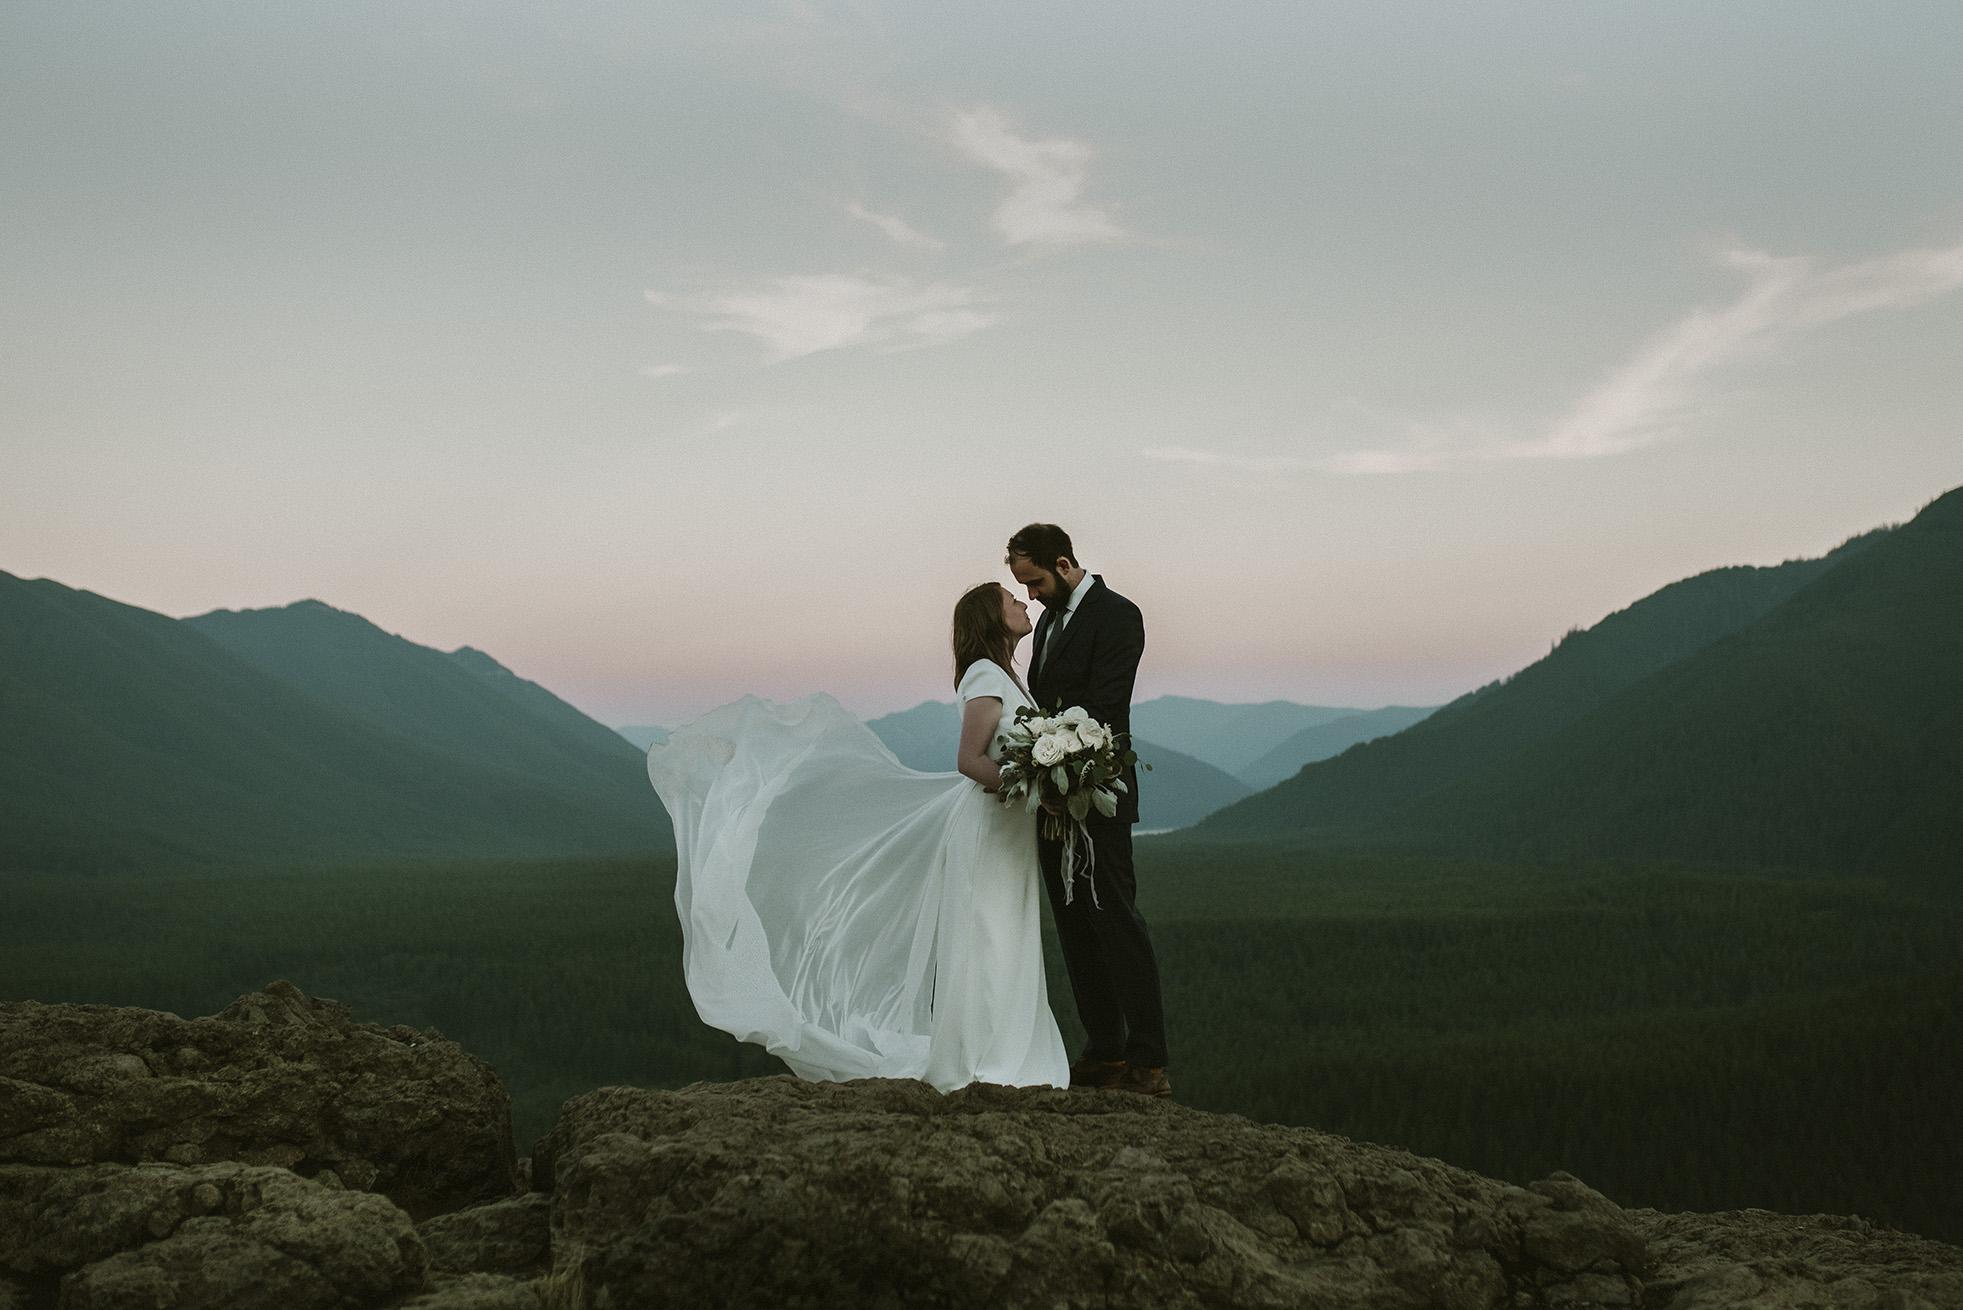 seattle-wedding-phtoographer